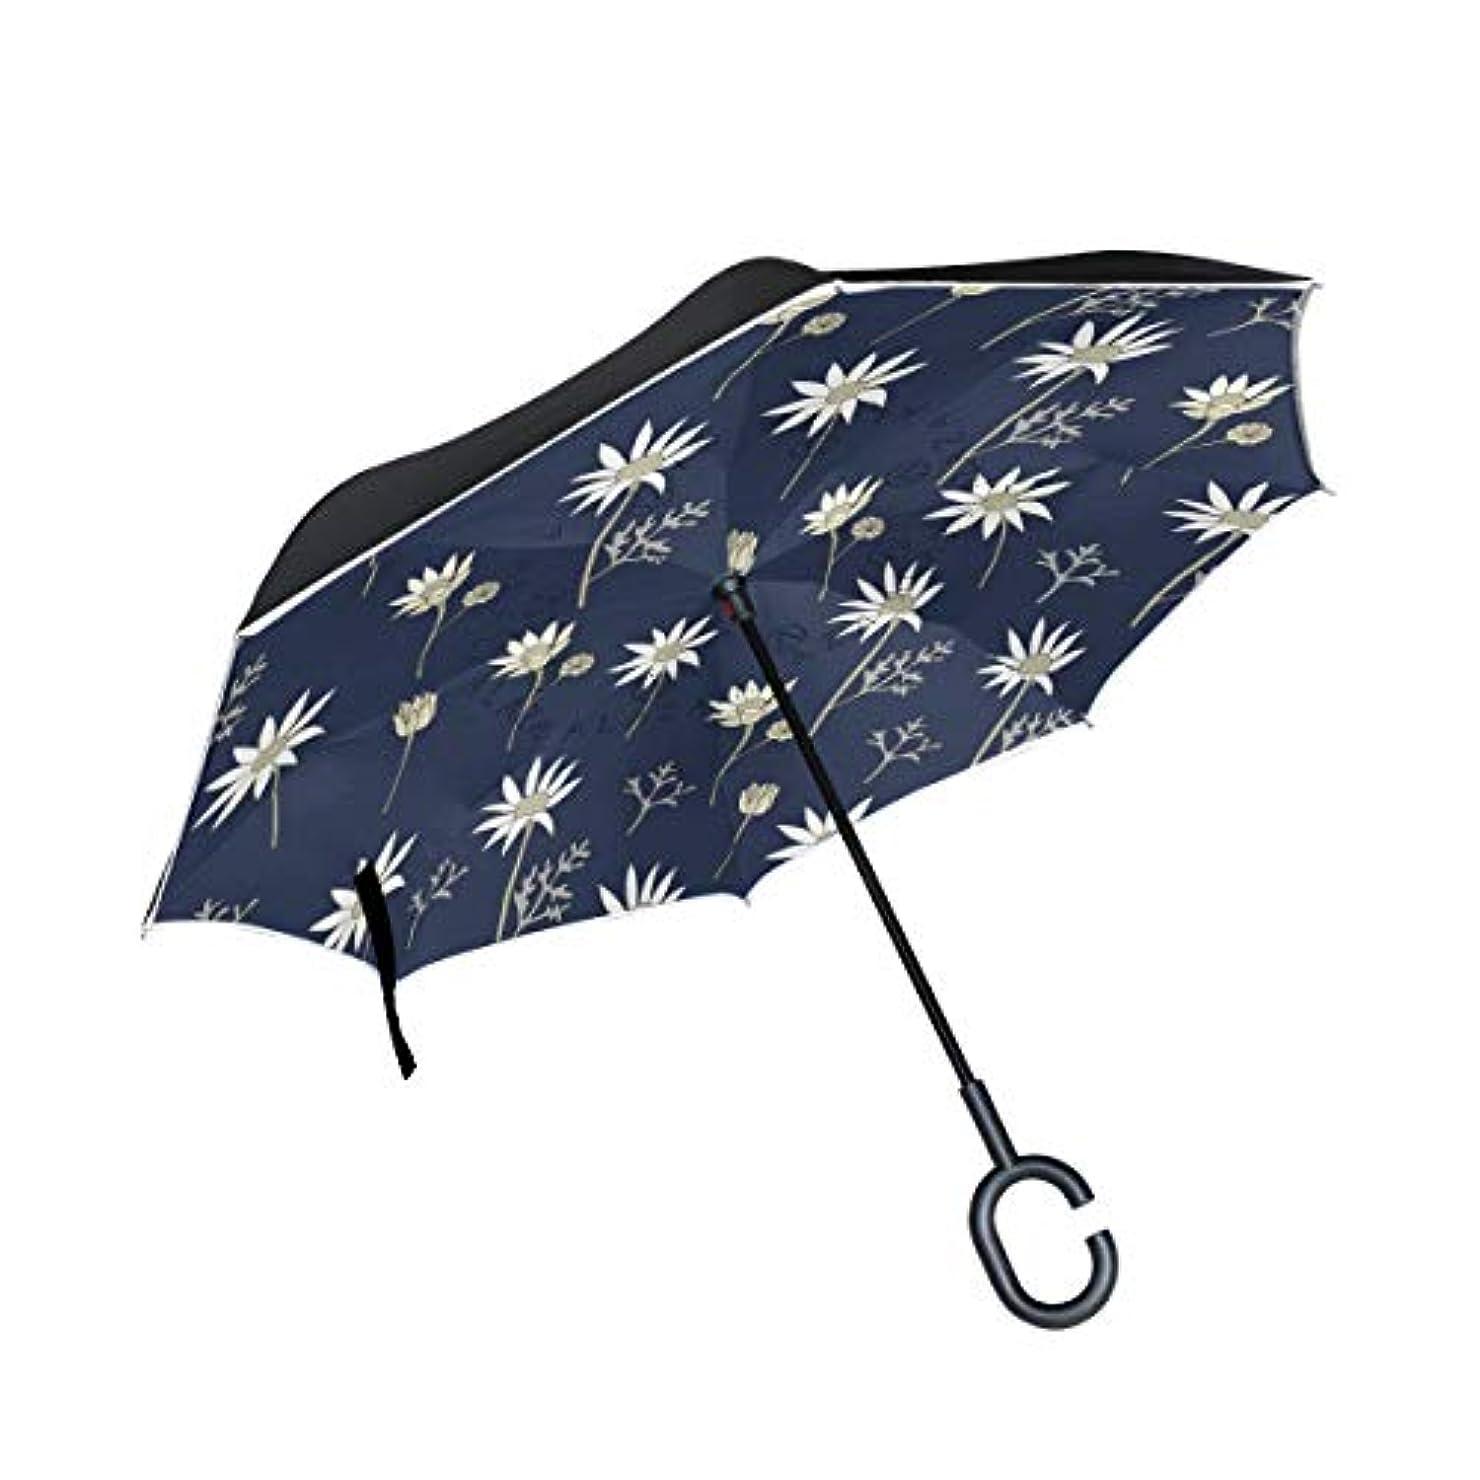 人里離れた揺れる生物学Chovy 逆転傘 長傘 逆さ傘 逆折り式傘 メンズ 車用傘 自立傘 手離れC型手元 きっか 和風 和柄 花柄 青 ブルー かわいい 可愛い 日傘 折りたたみ UVカット 晴雨兼用 男女兼用 レディース 二重傘 撥水加工 耐風 丈夫 大きい 梅雨対策 雨傘 遮光断熱